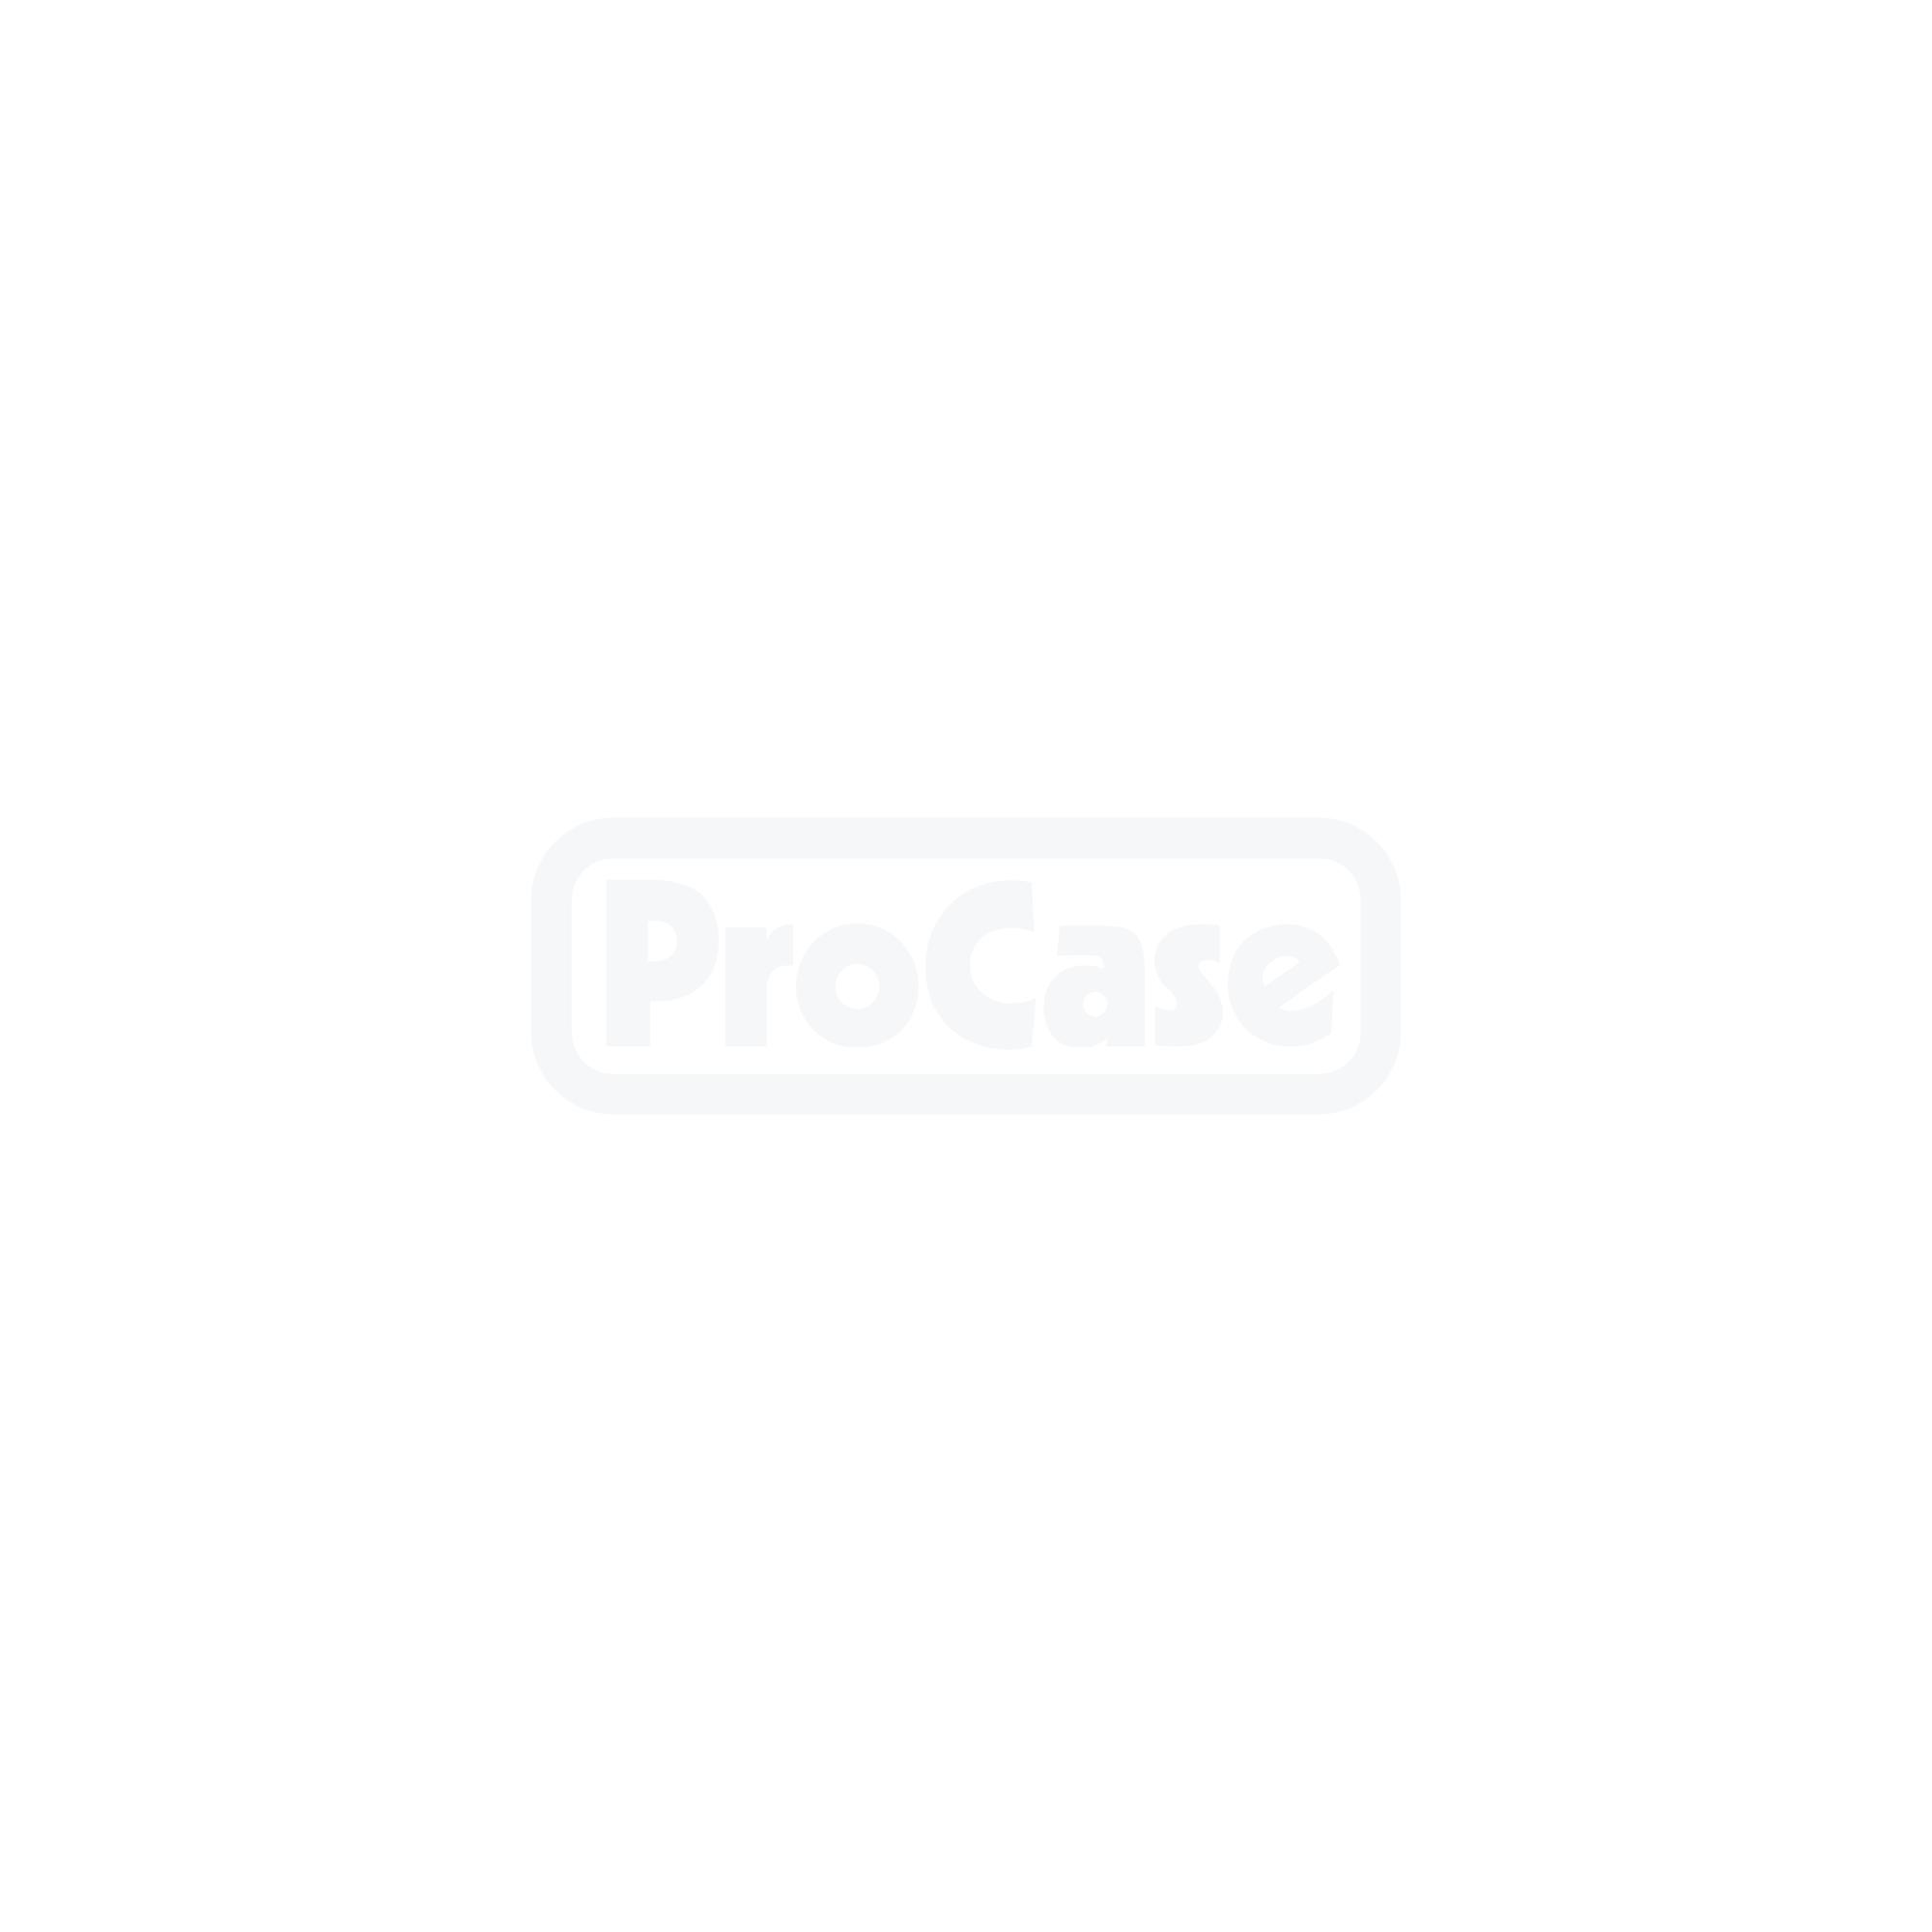 Packcase 5 Tool Trolley mit 6 Einschüben 2